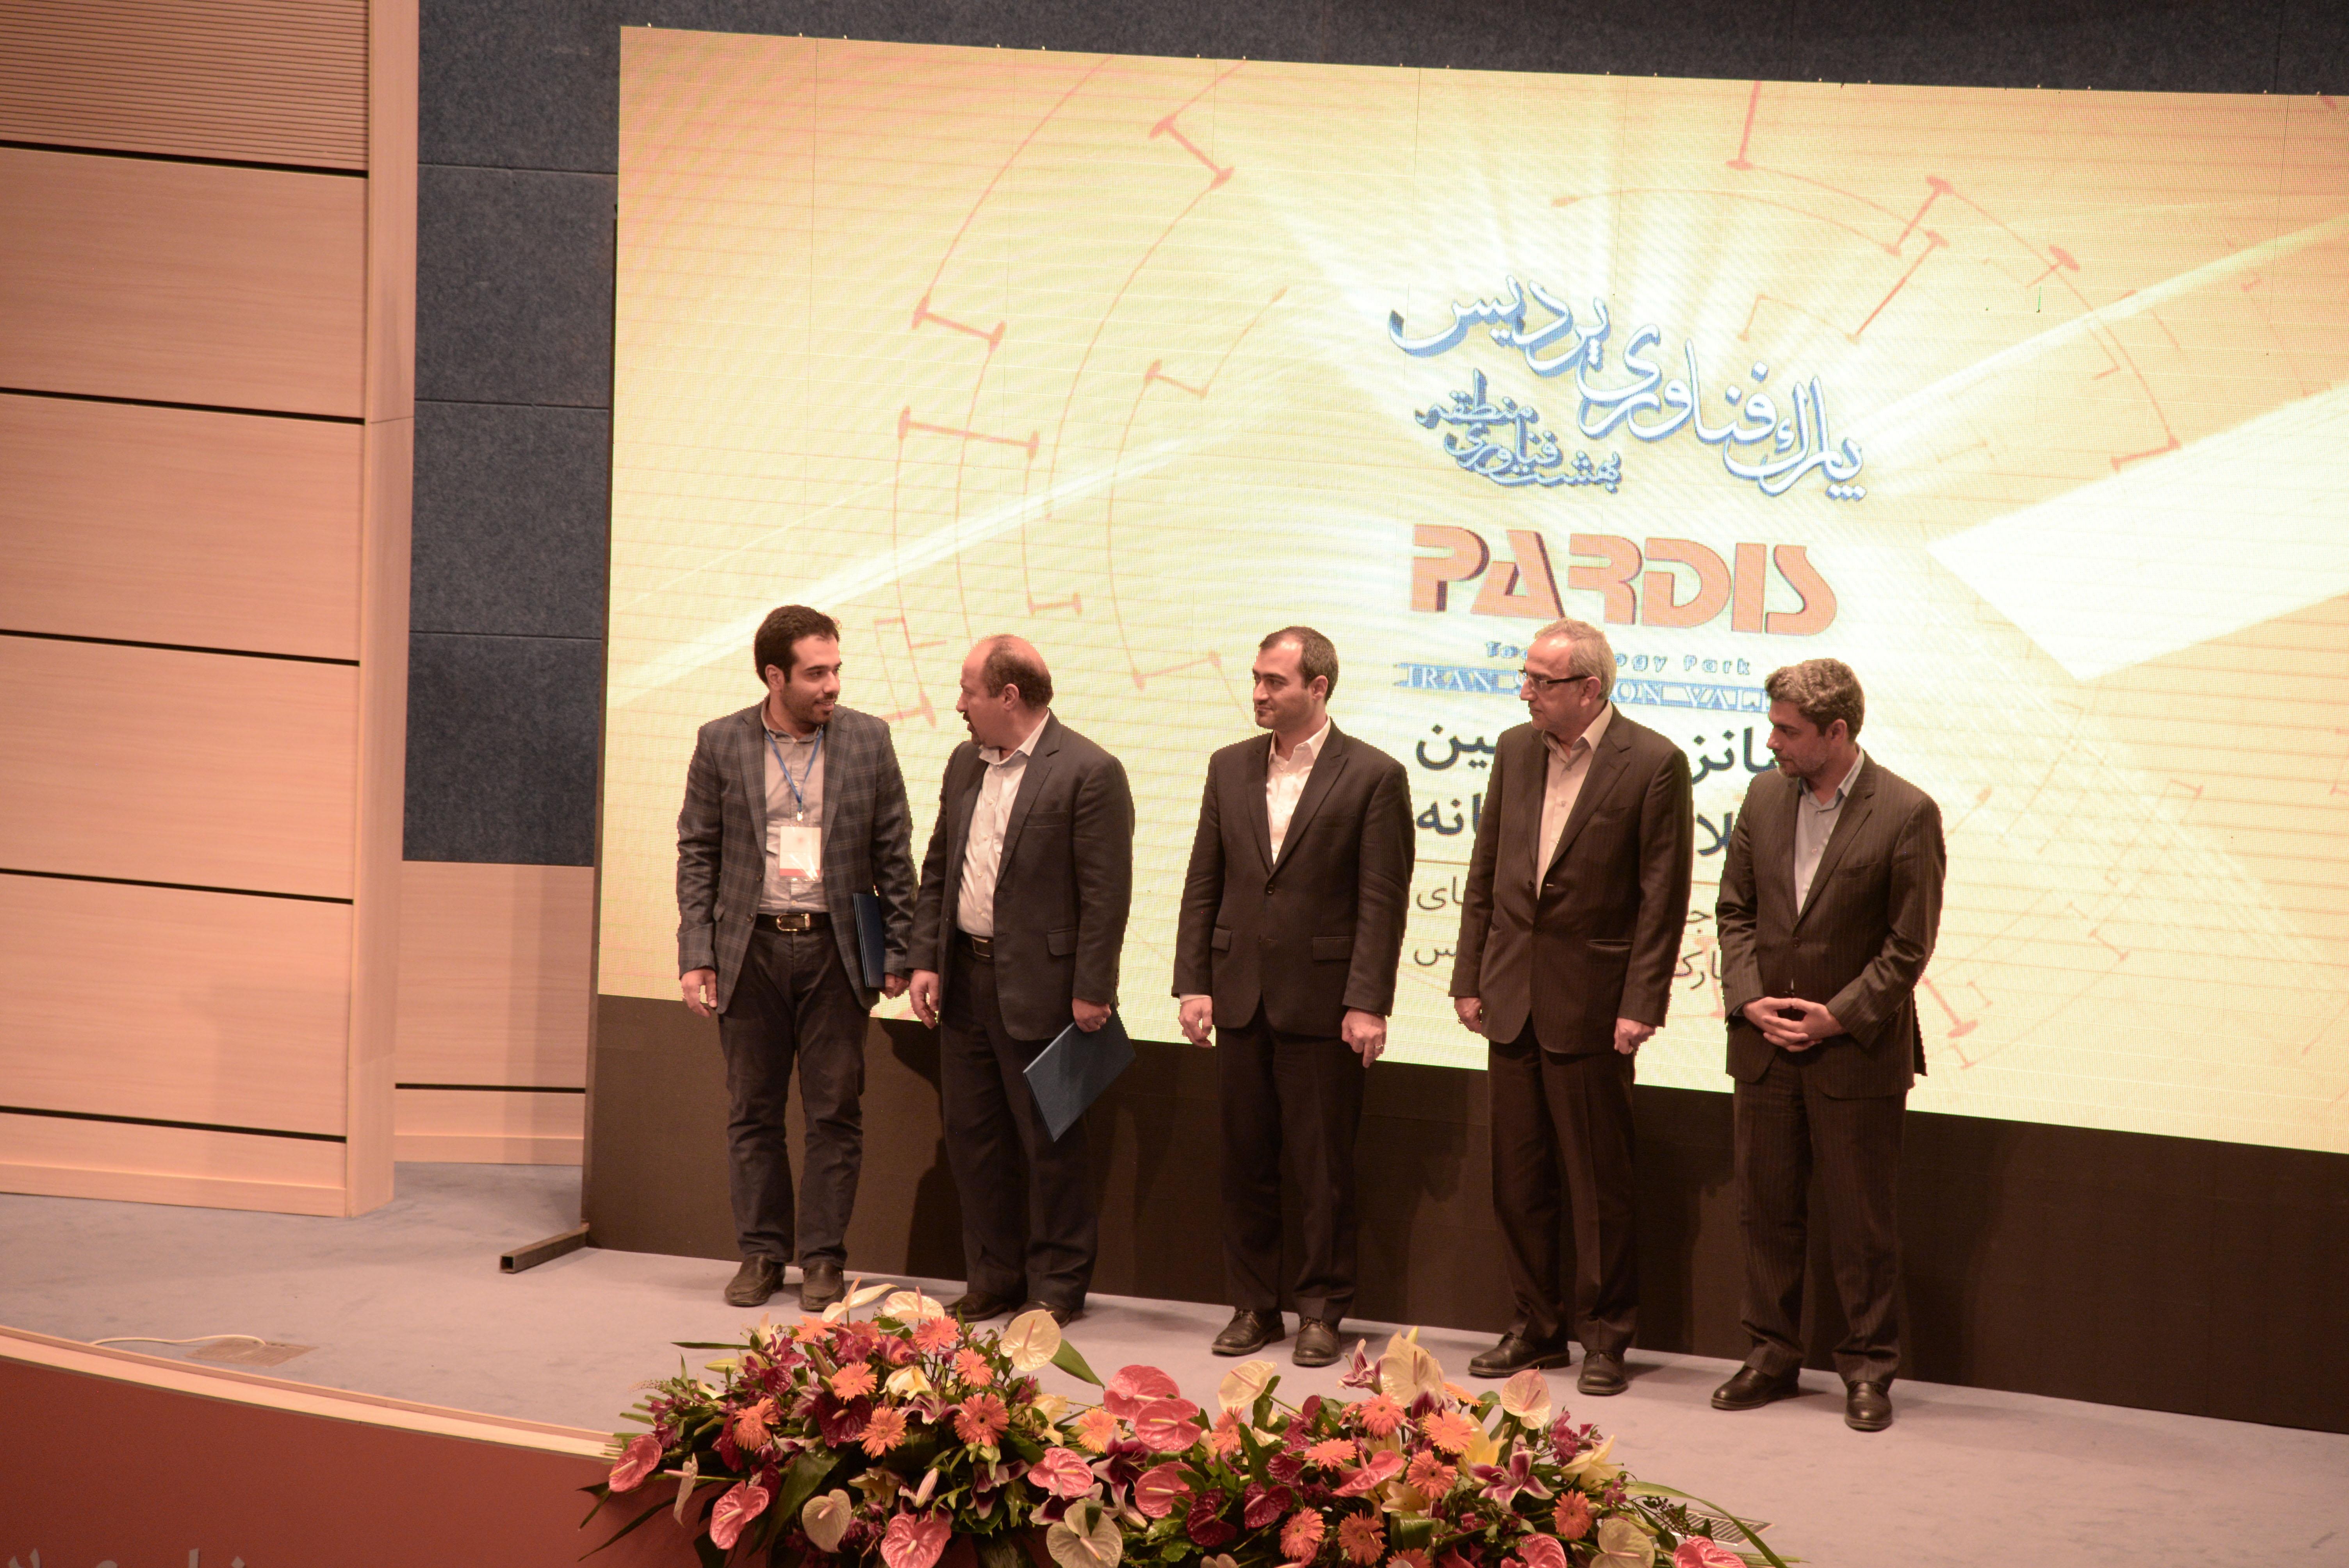 رونمایی از دستگاه پرینتر سه بعدی SLS ایرانی تیوان R230 در اجلاس سالیانه پارک فناوری پردیس